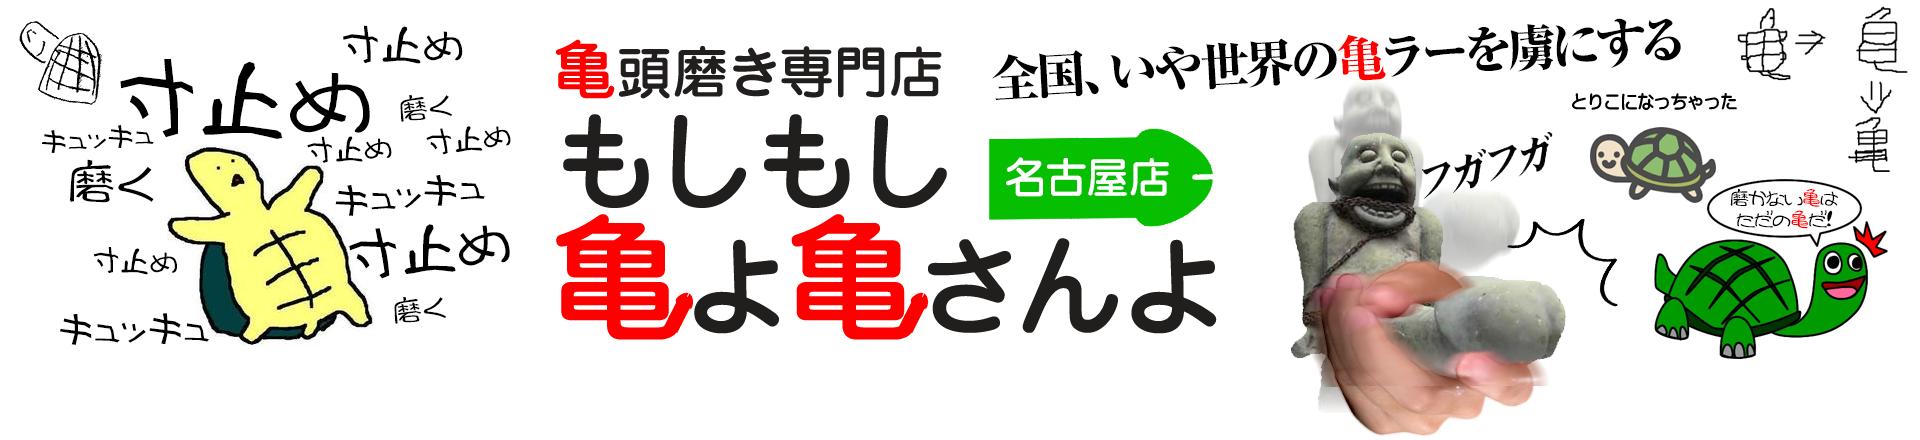 亀頭磨き、亀頭責め専門 もしもし亀よ亀さんよ 名古屋店